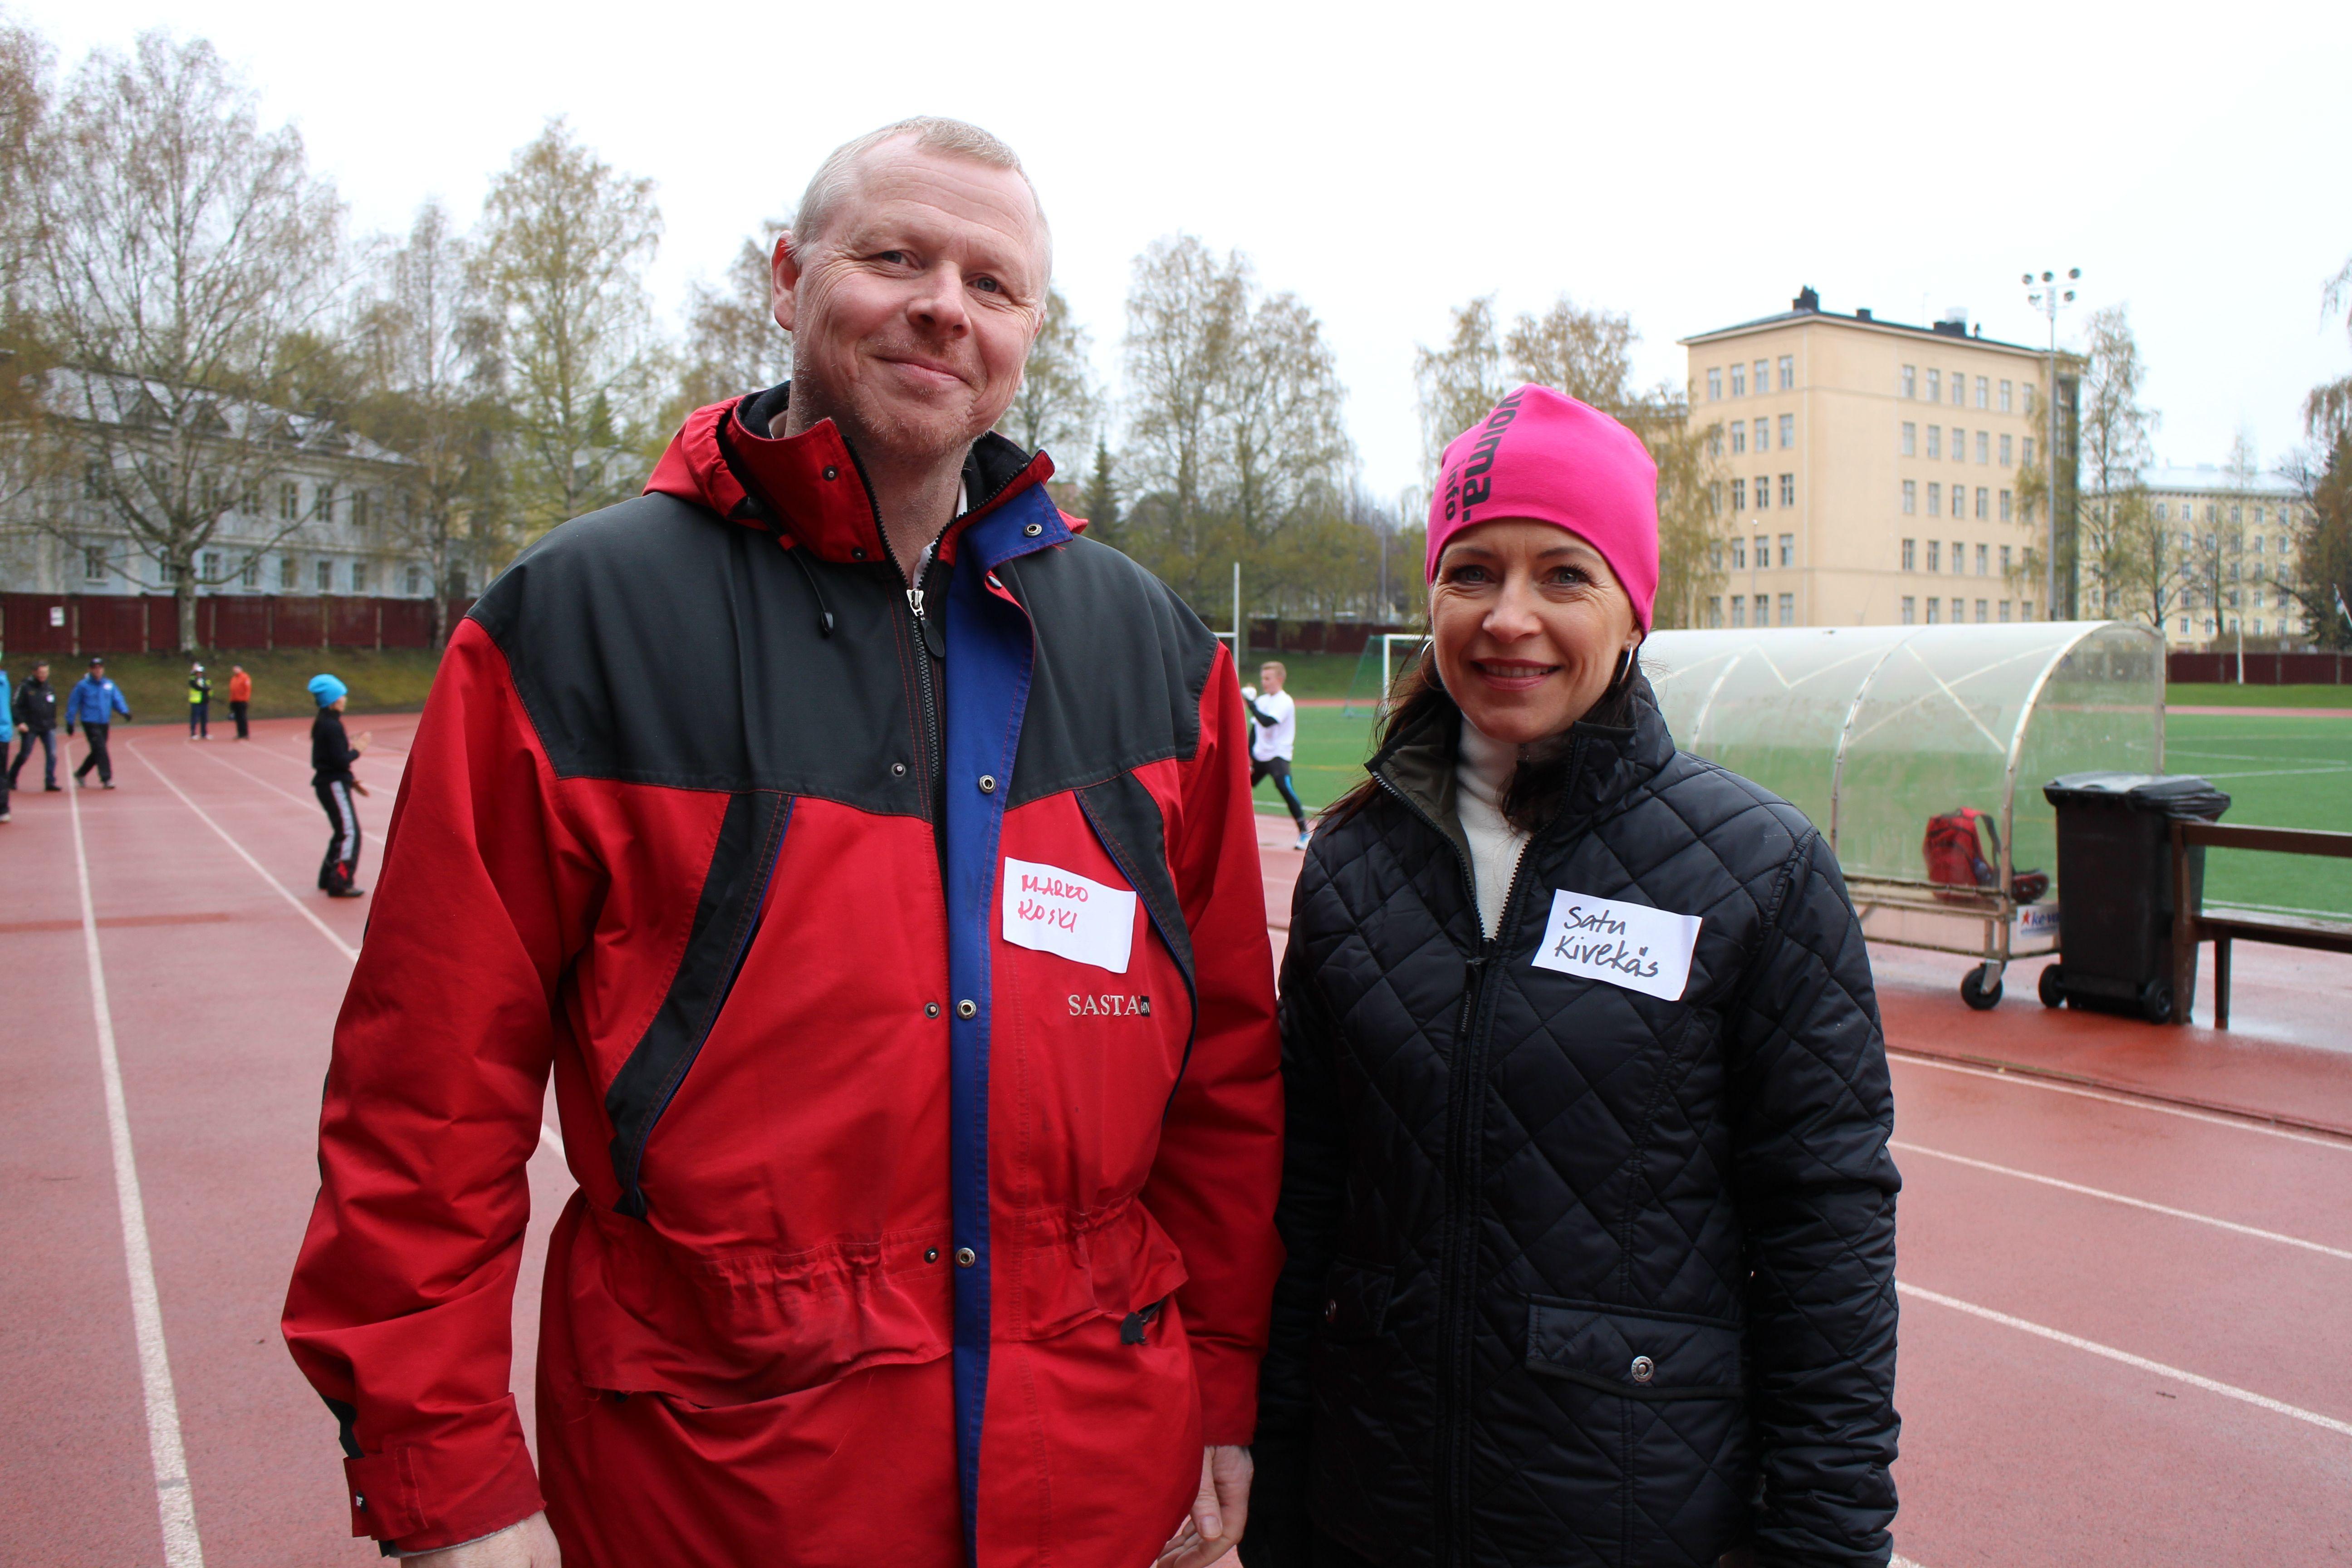 Satu Kivekäs Yrityspalvelu Voima Oy ja Marko Koski reippailivat yhden kierroksen verran ja vaihtoivat ajatuksia mahdollisesta yhteistyöstä.